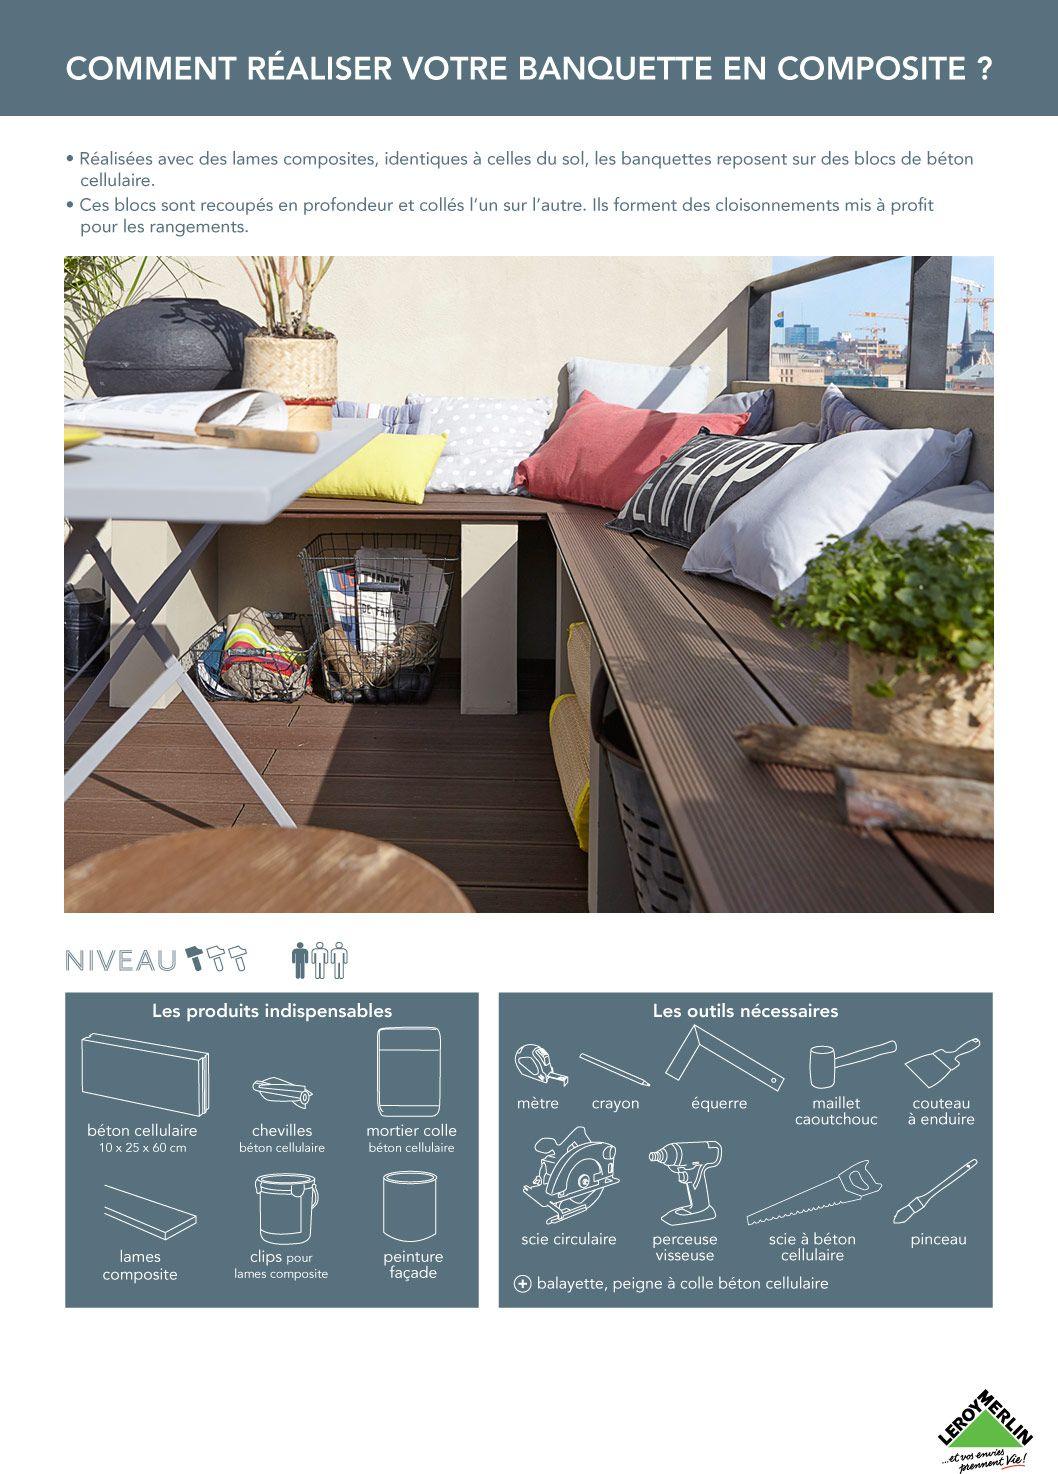 Creer Une Banquette En Composite Banquette Jardin Amenagement Terrasse